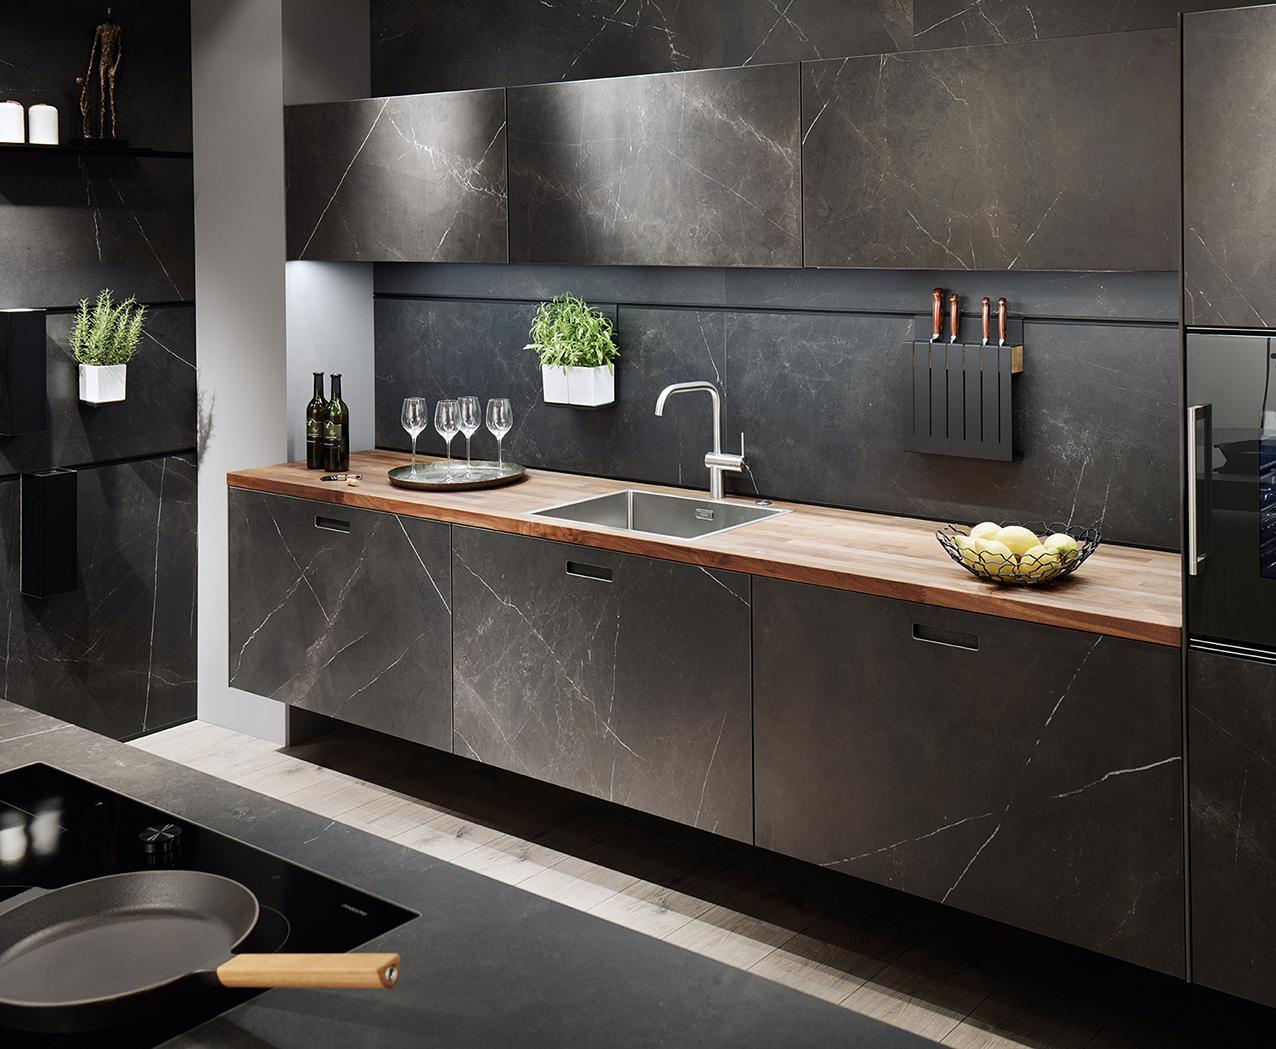 Cuisine ultra moderne design soigné avec matériaux nobles noir haut de gamme annecy installateur concepteur littoz